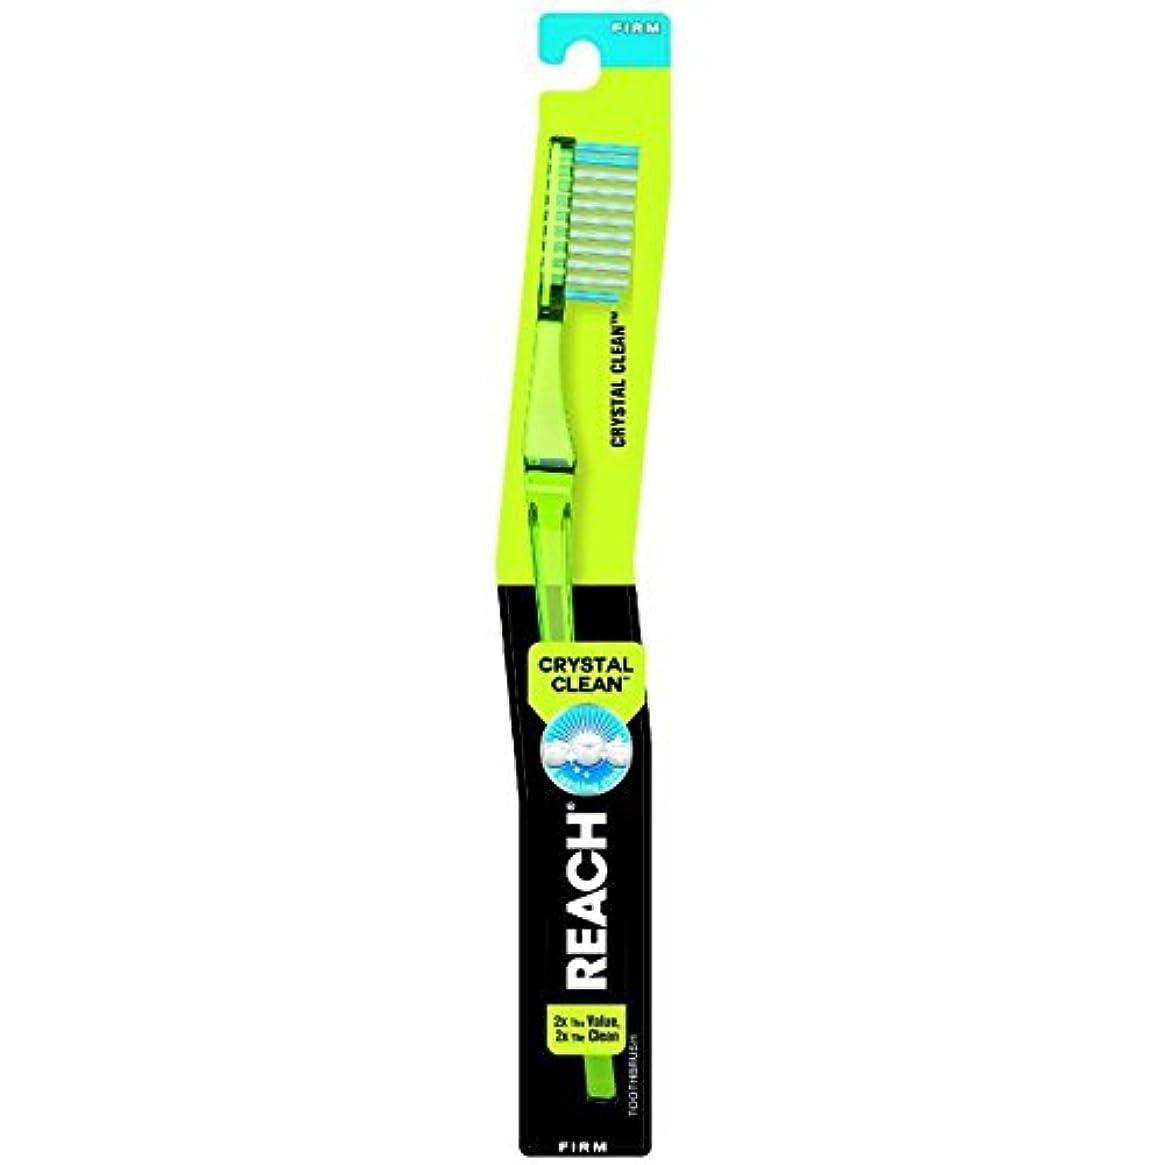 文つなぐ口径Reach クリスタルクリーン事務所抗菌キャップ、1 EAで大人歯ブラシ - ブルー(4パック) 4パック